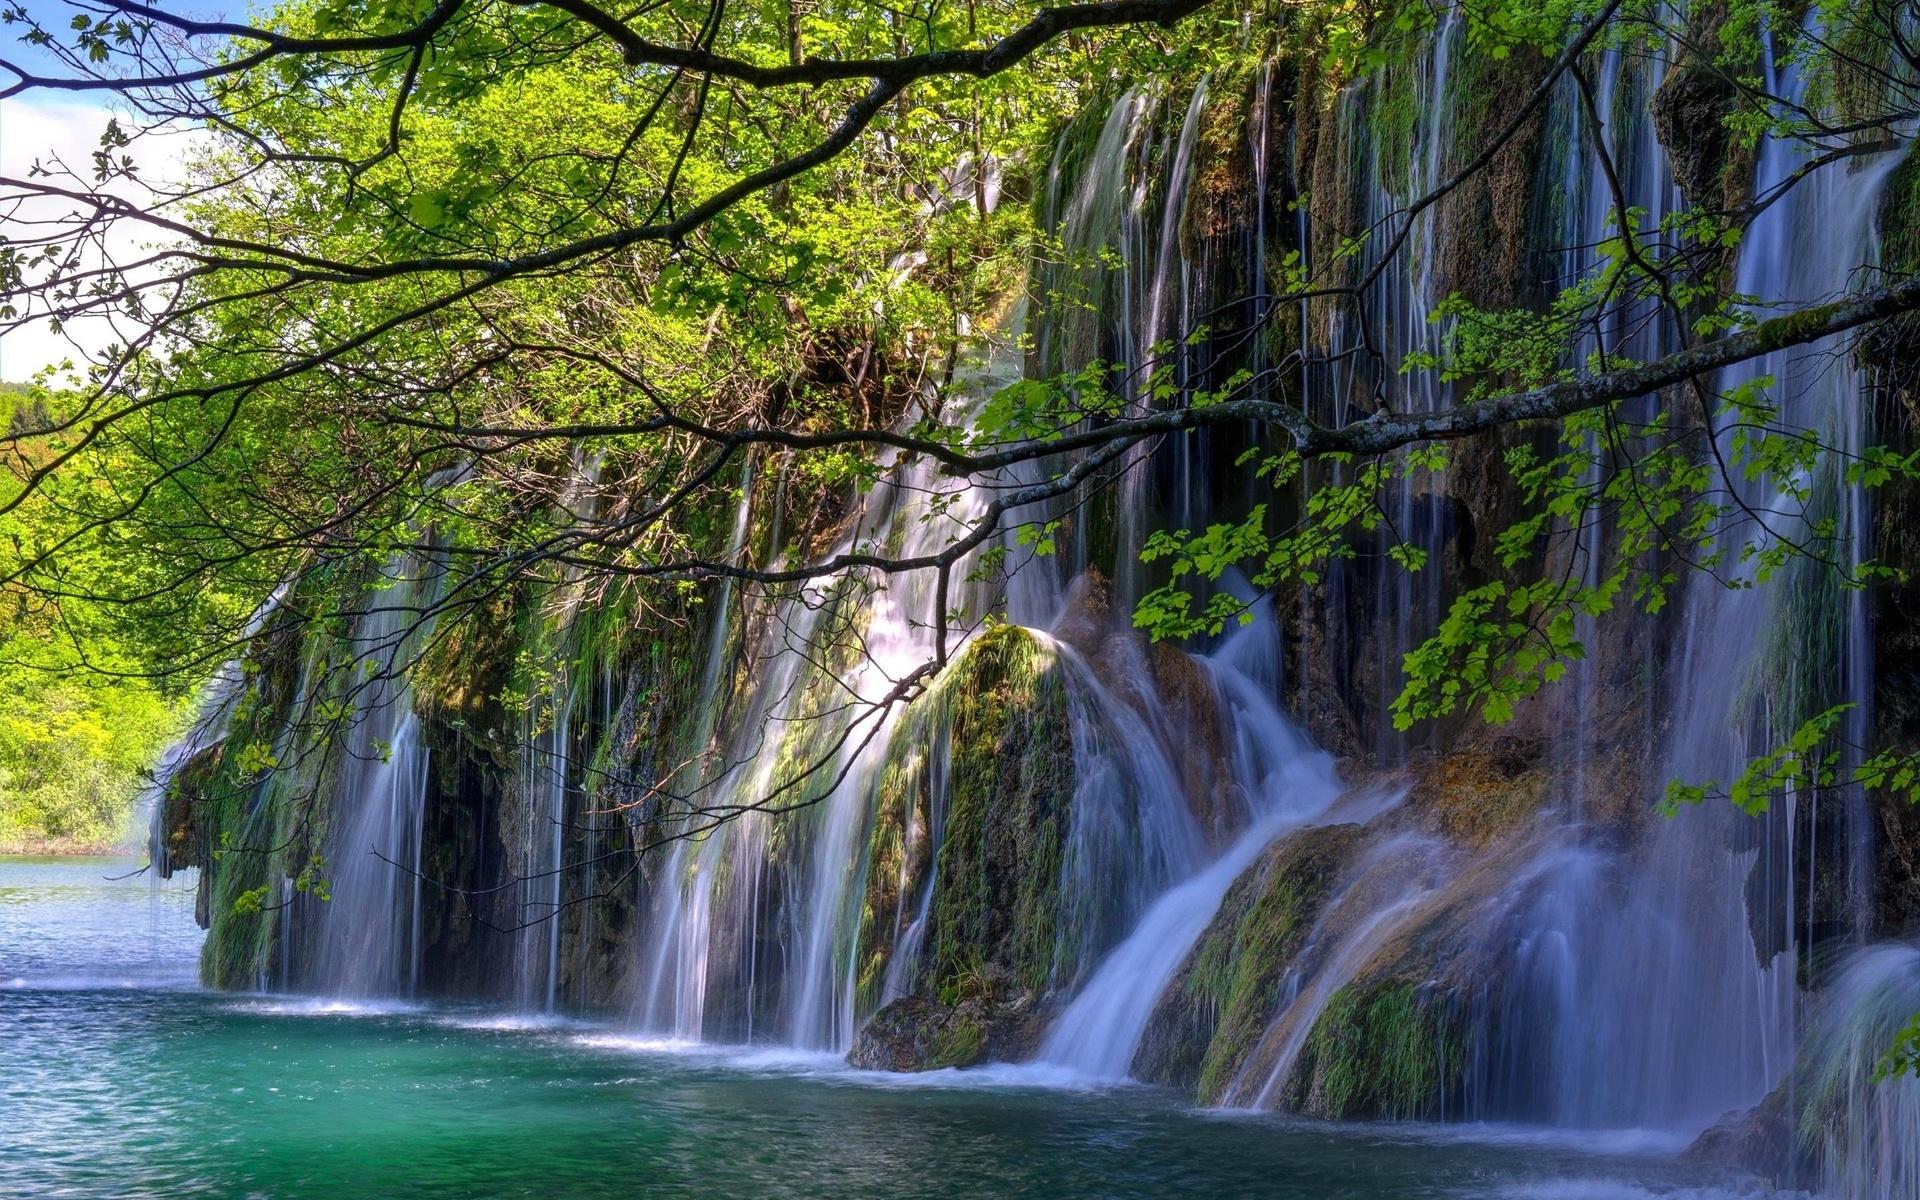 углекаменске номерами красивые картинки водопада в хорошем качестве оснащении печью